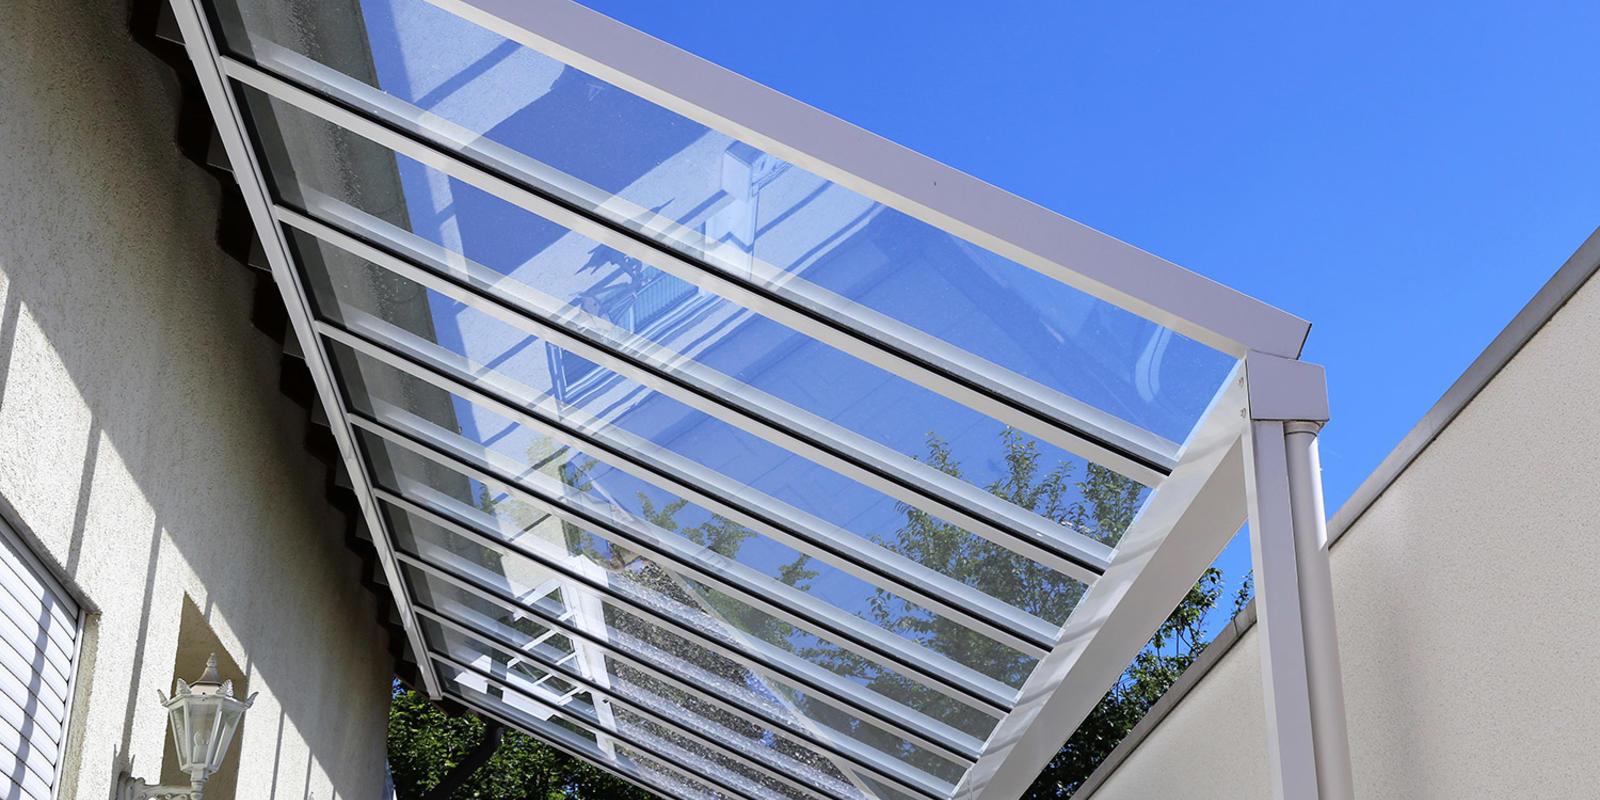 Glazen dak isoleren